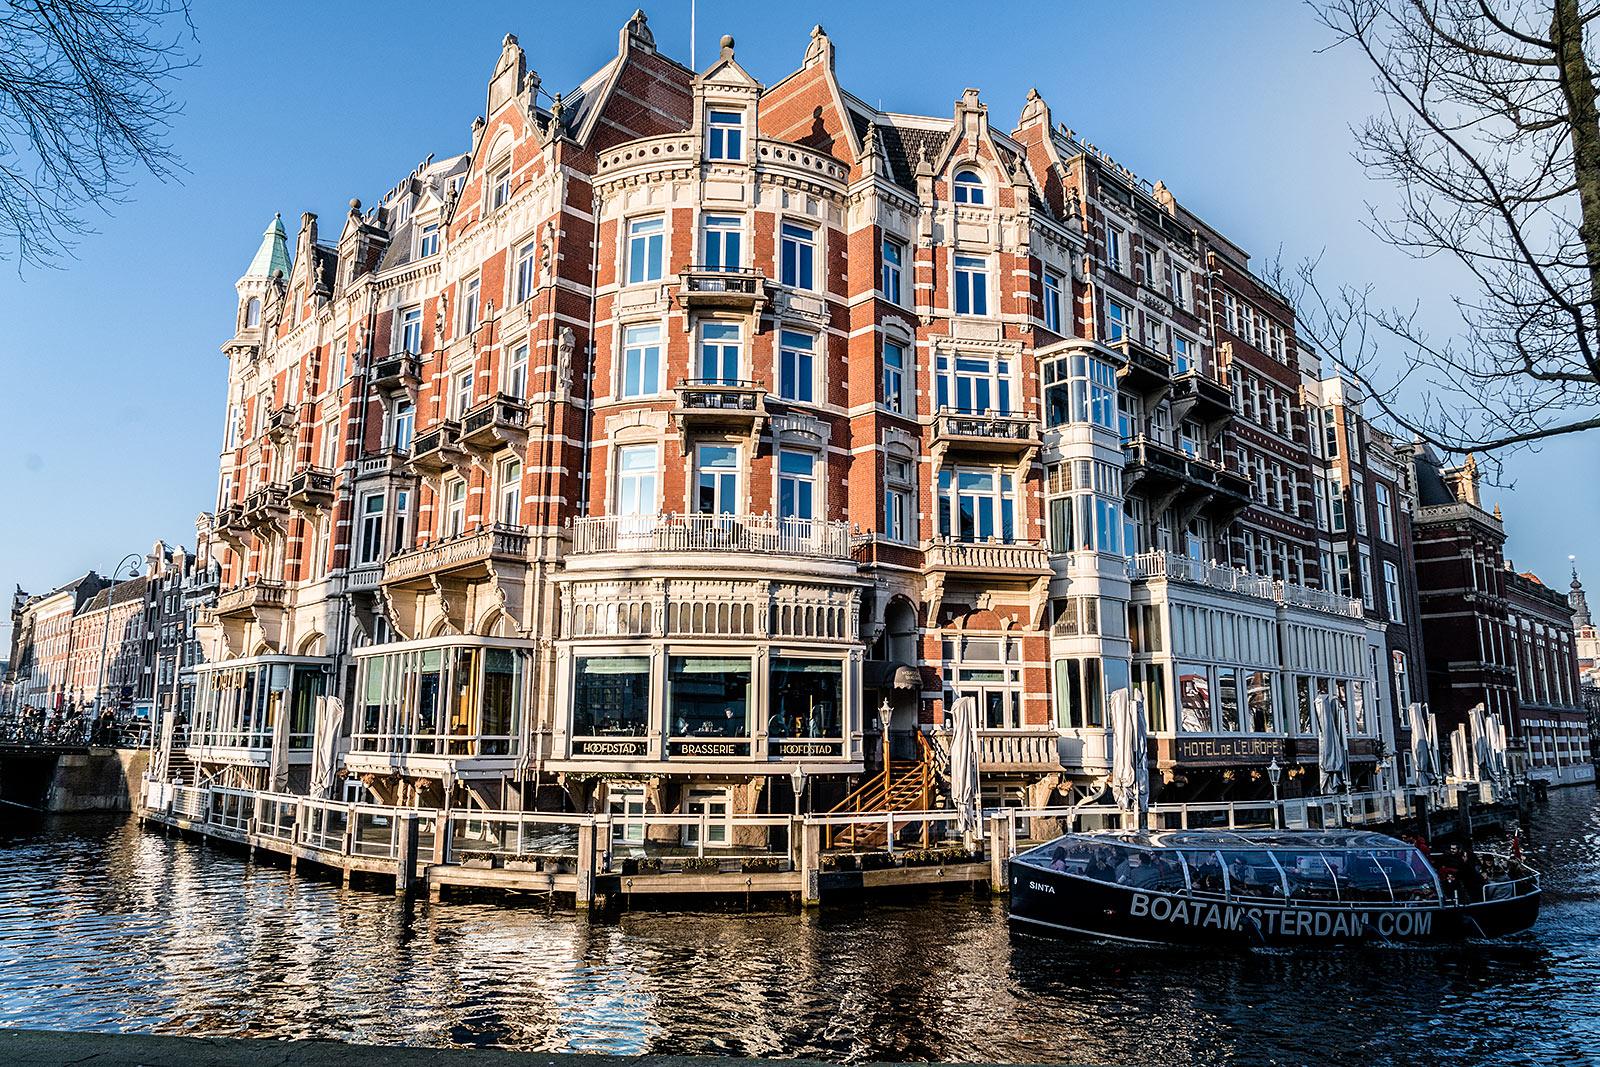 amsterdam grachtenfahrt travel guide sunnyinga